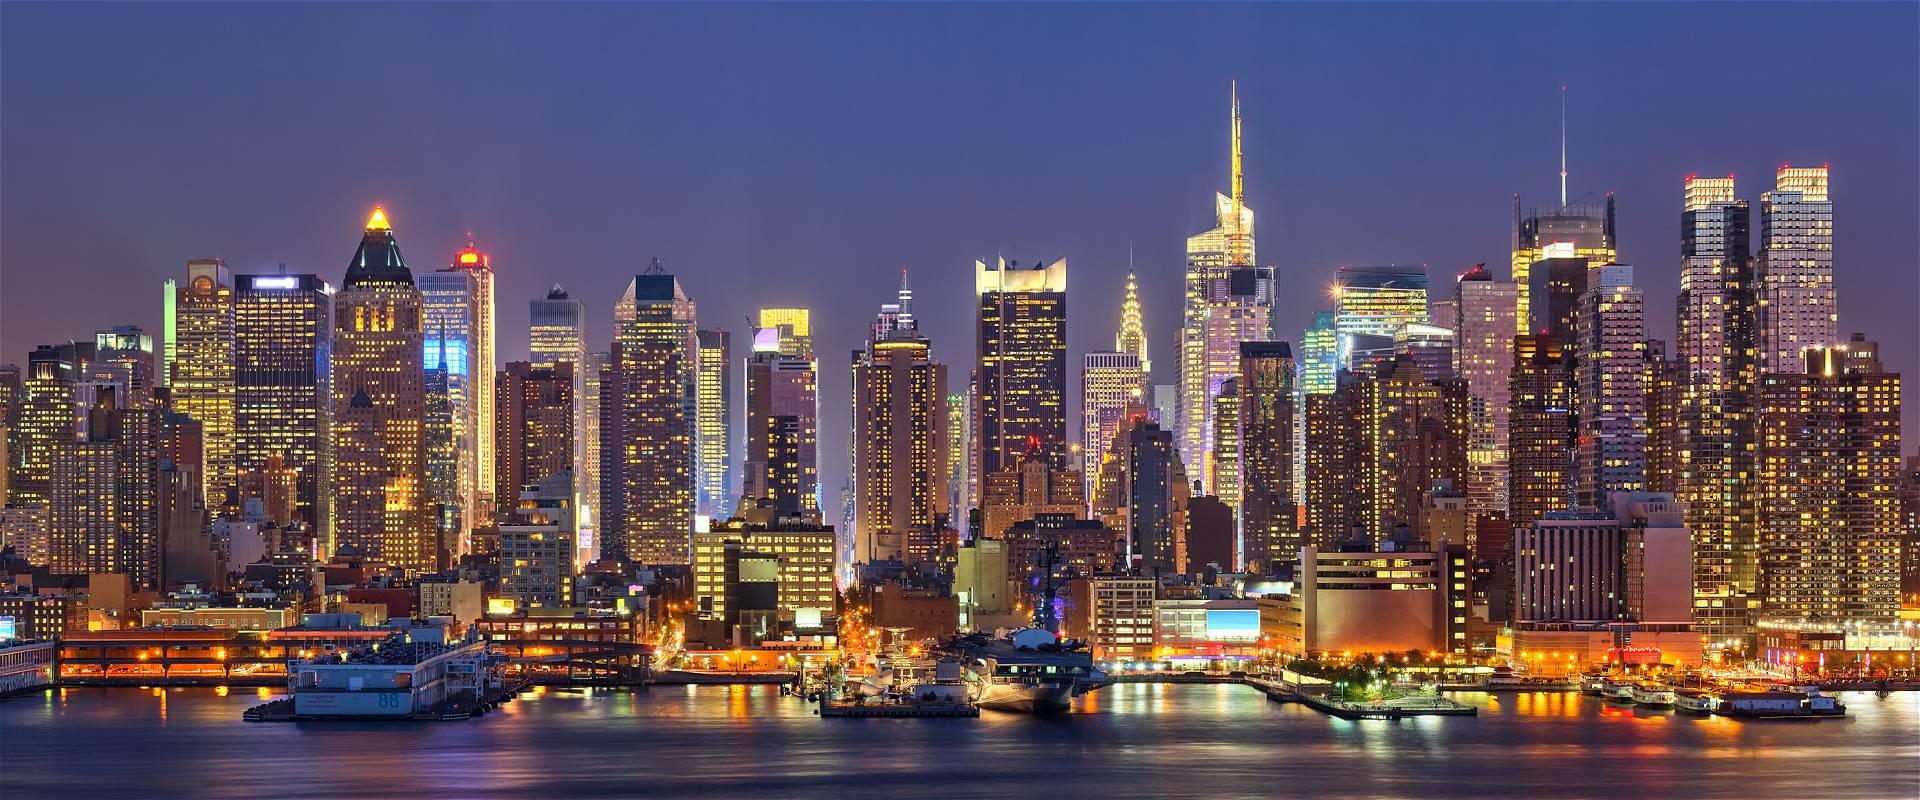 Conhecido Destino de sonho: Nova Iorque - Blue Diamond AH24